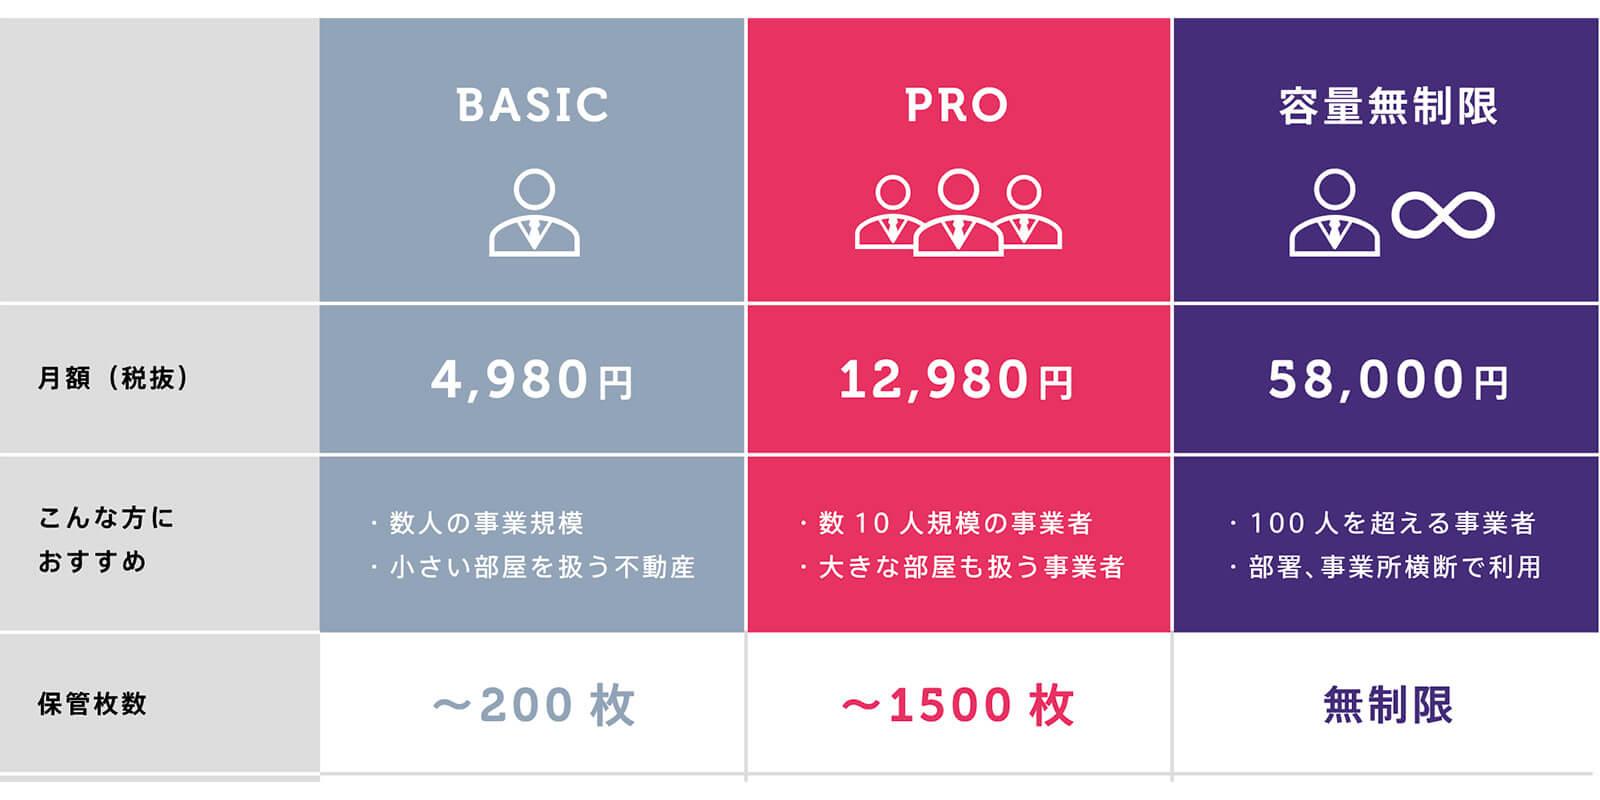 Basicプランのサービス拡充と料金プラン改定のお知らせ